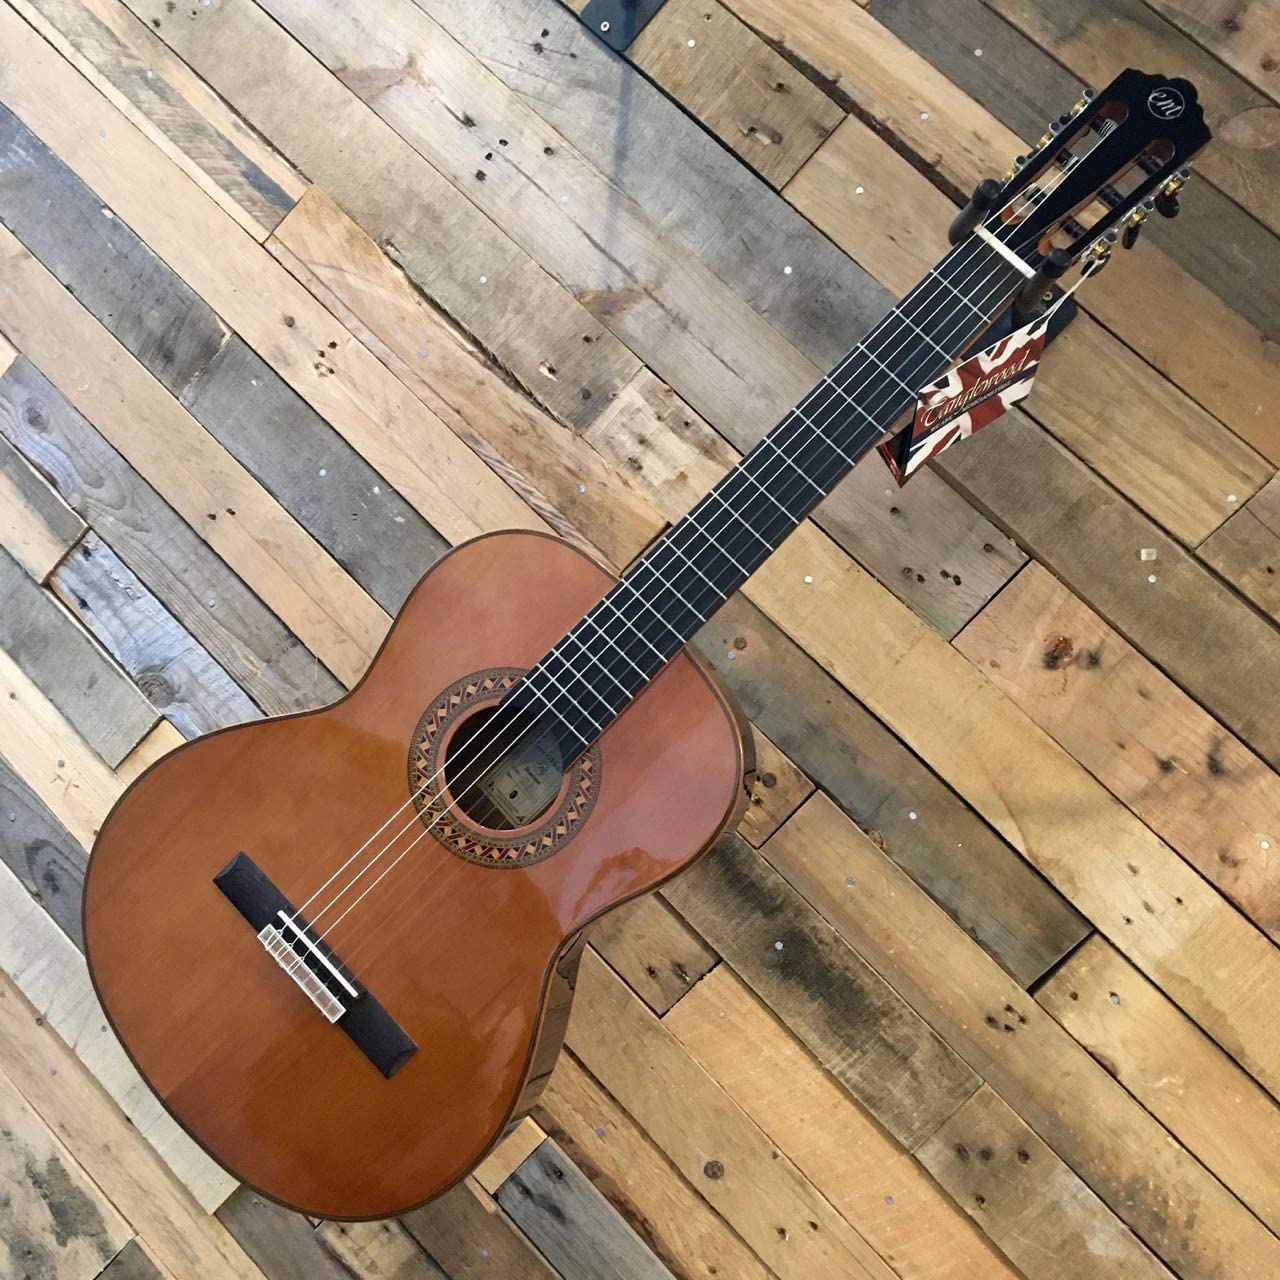 Tanglewood Guitarra clásica dominar EM-D3 con tapa de cedro sólido y bolsa de concierto